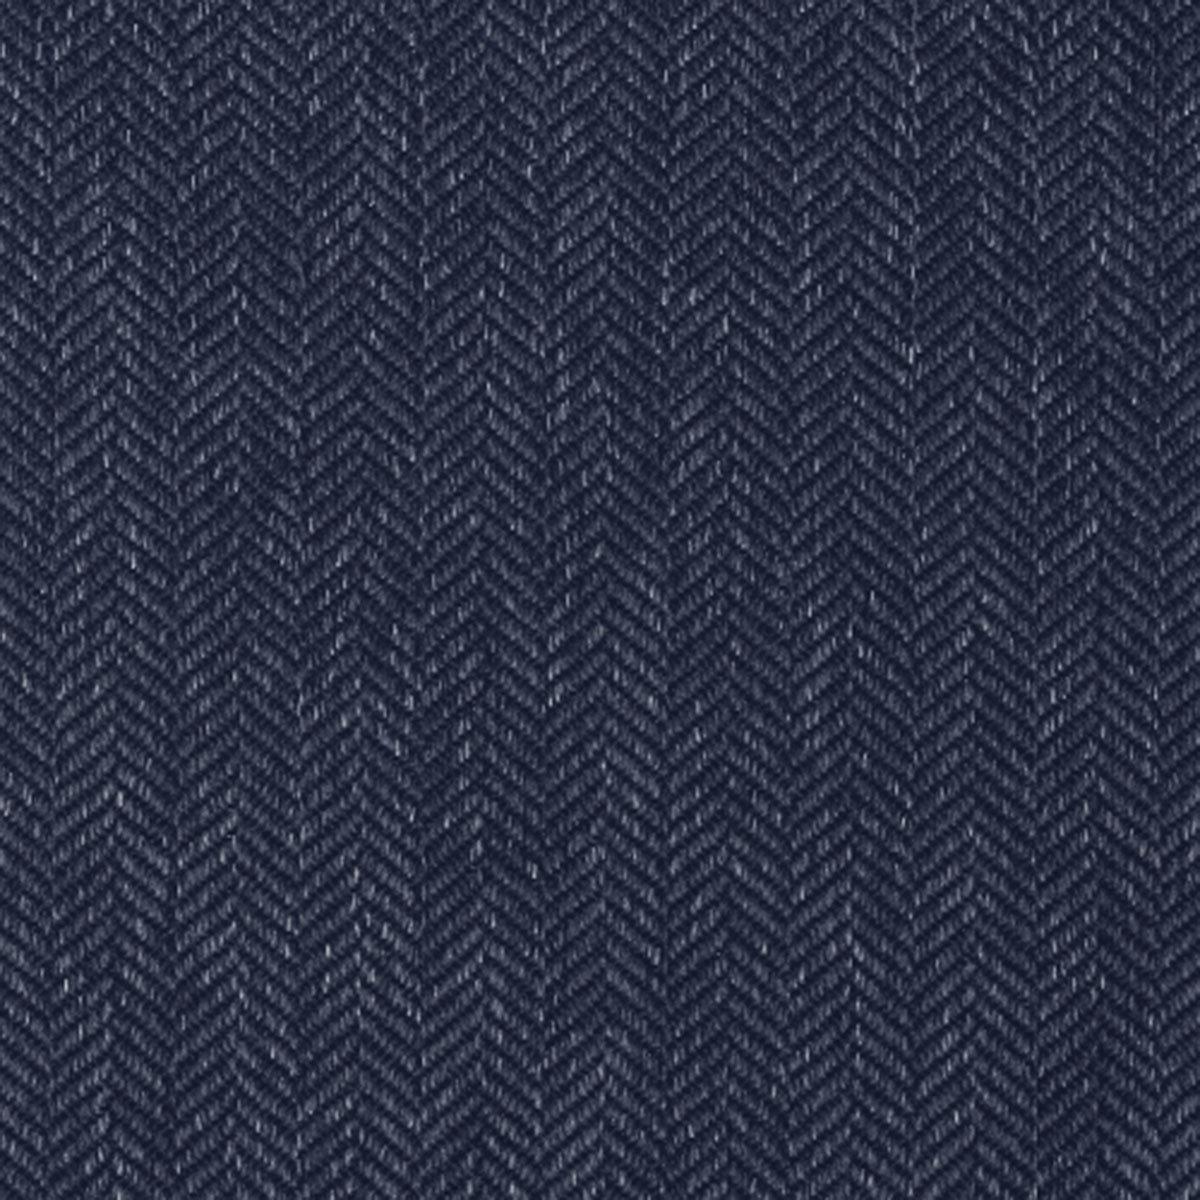 Sitzkissen-Auflage Aster, dunkelblau | #2